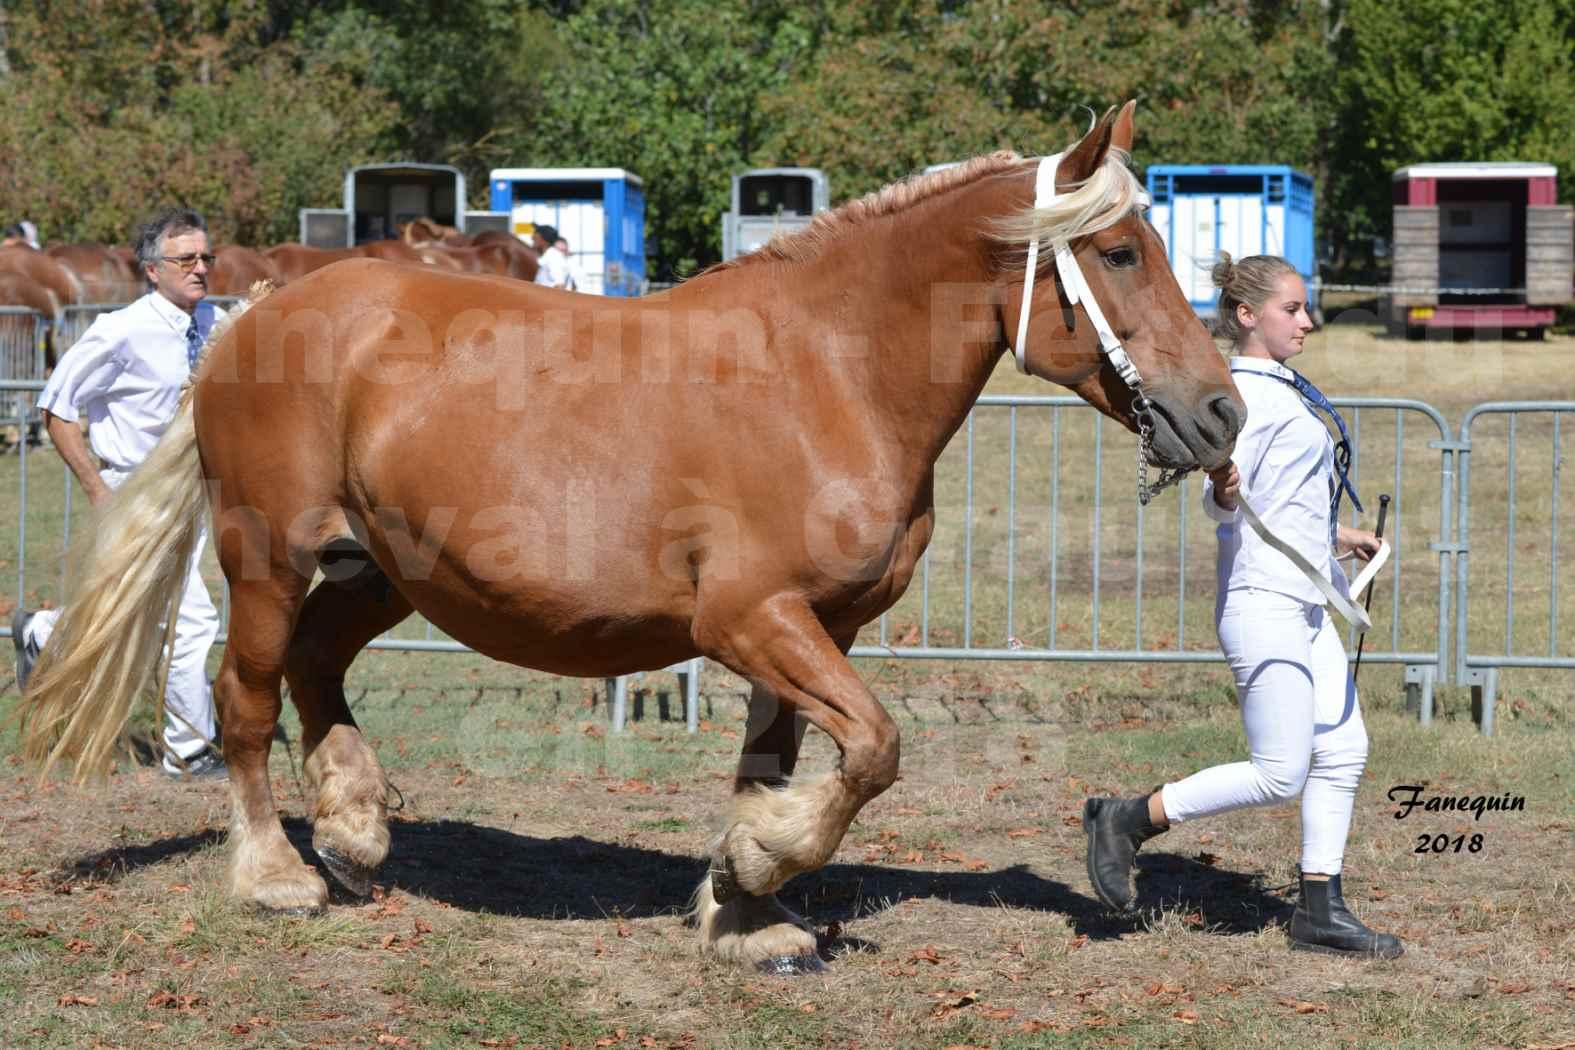 Fête du cheval à GRAULHET le 16 septembre 2018 - Concours Départemental de chevaux de traits - 40